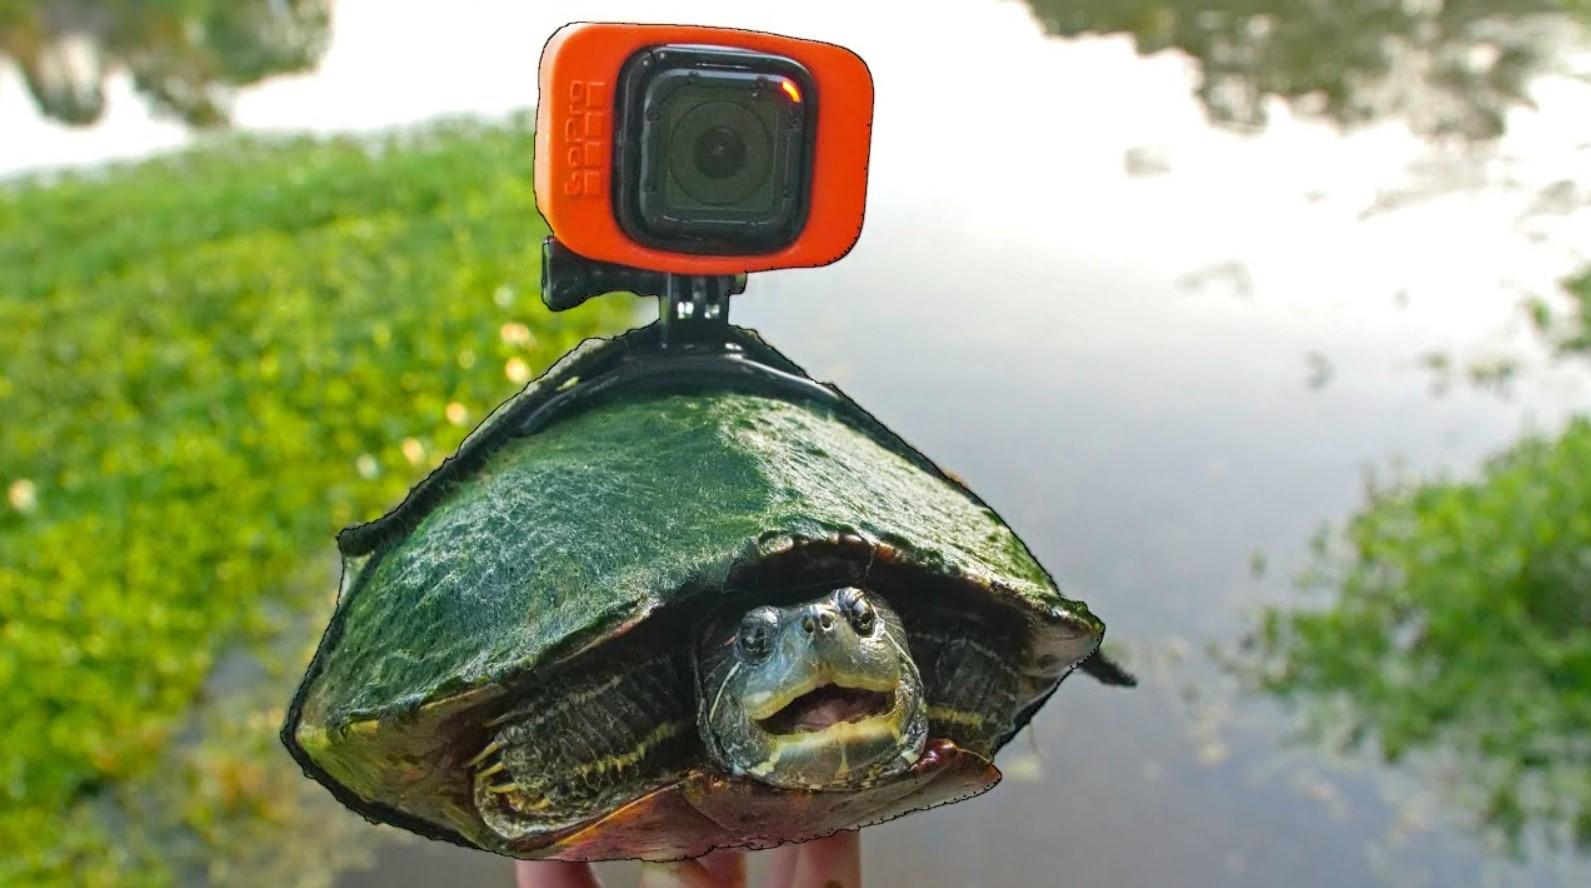 Блогер снял самое расслабляющее видео. Для этого понадобились черепаха иGoPro